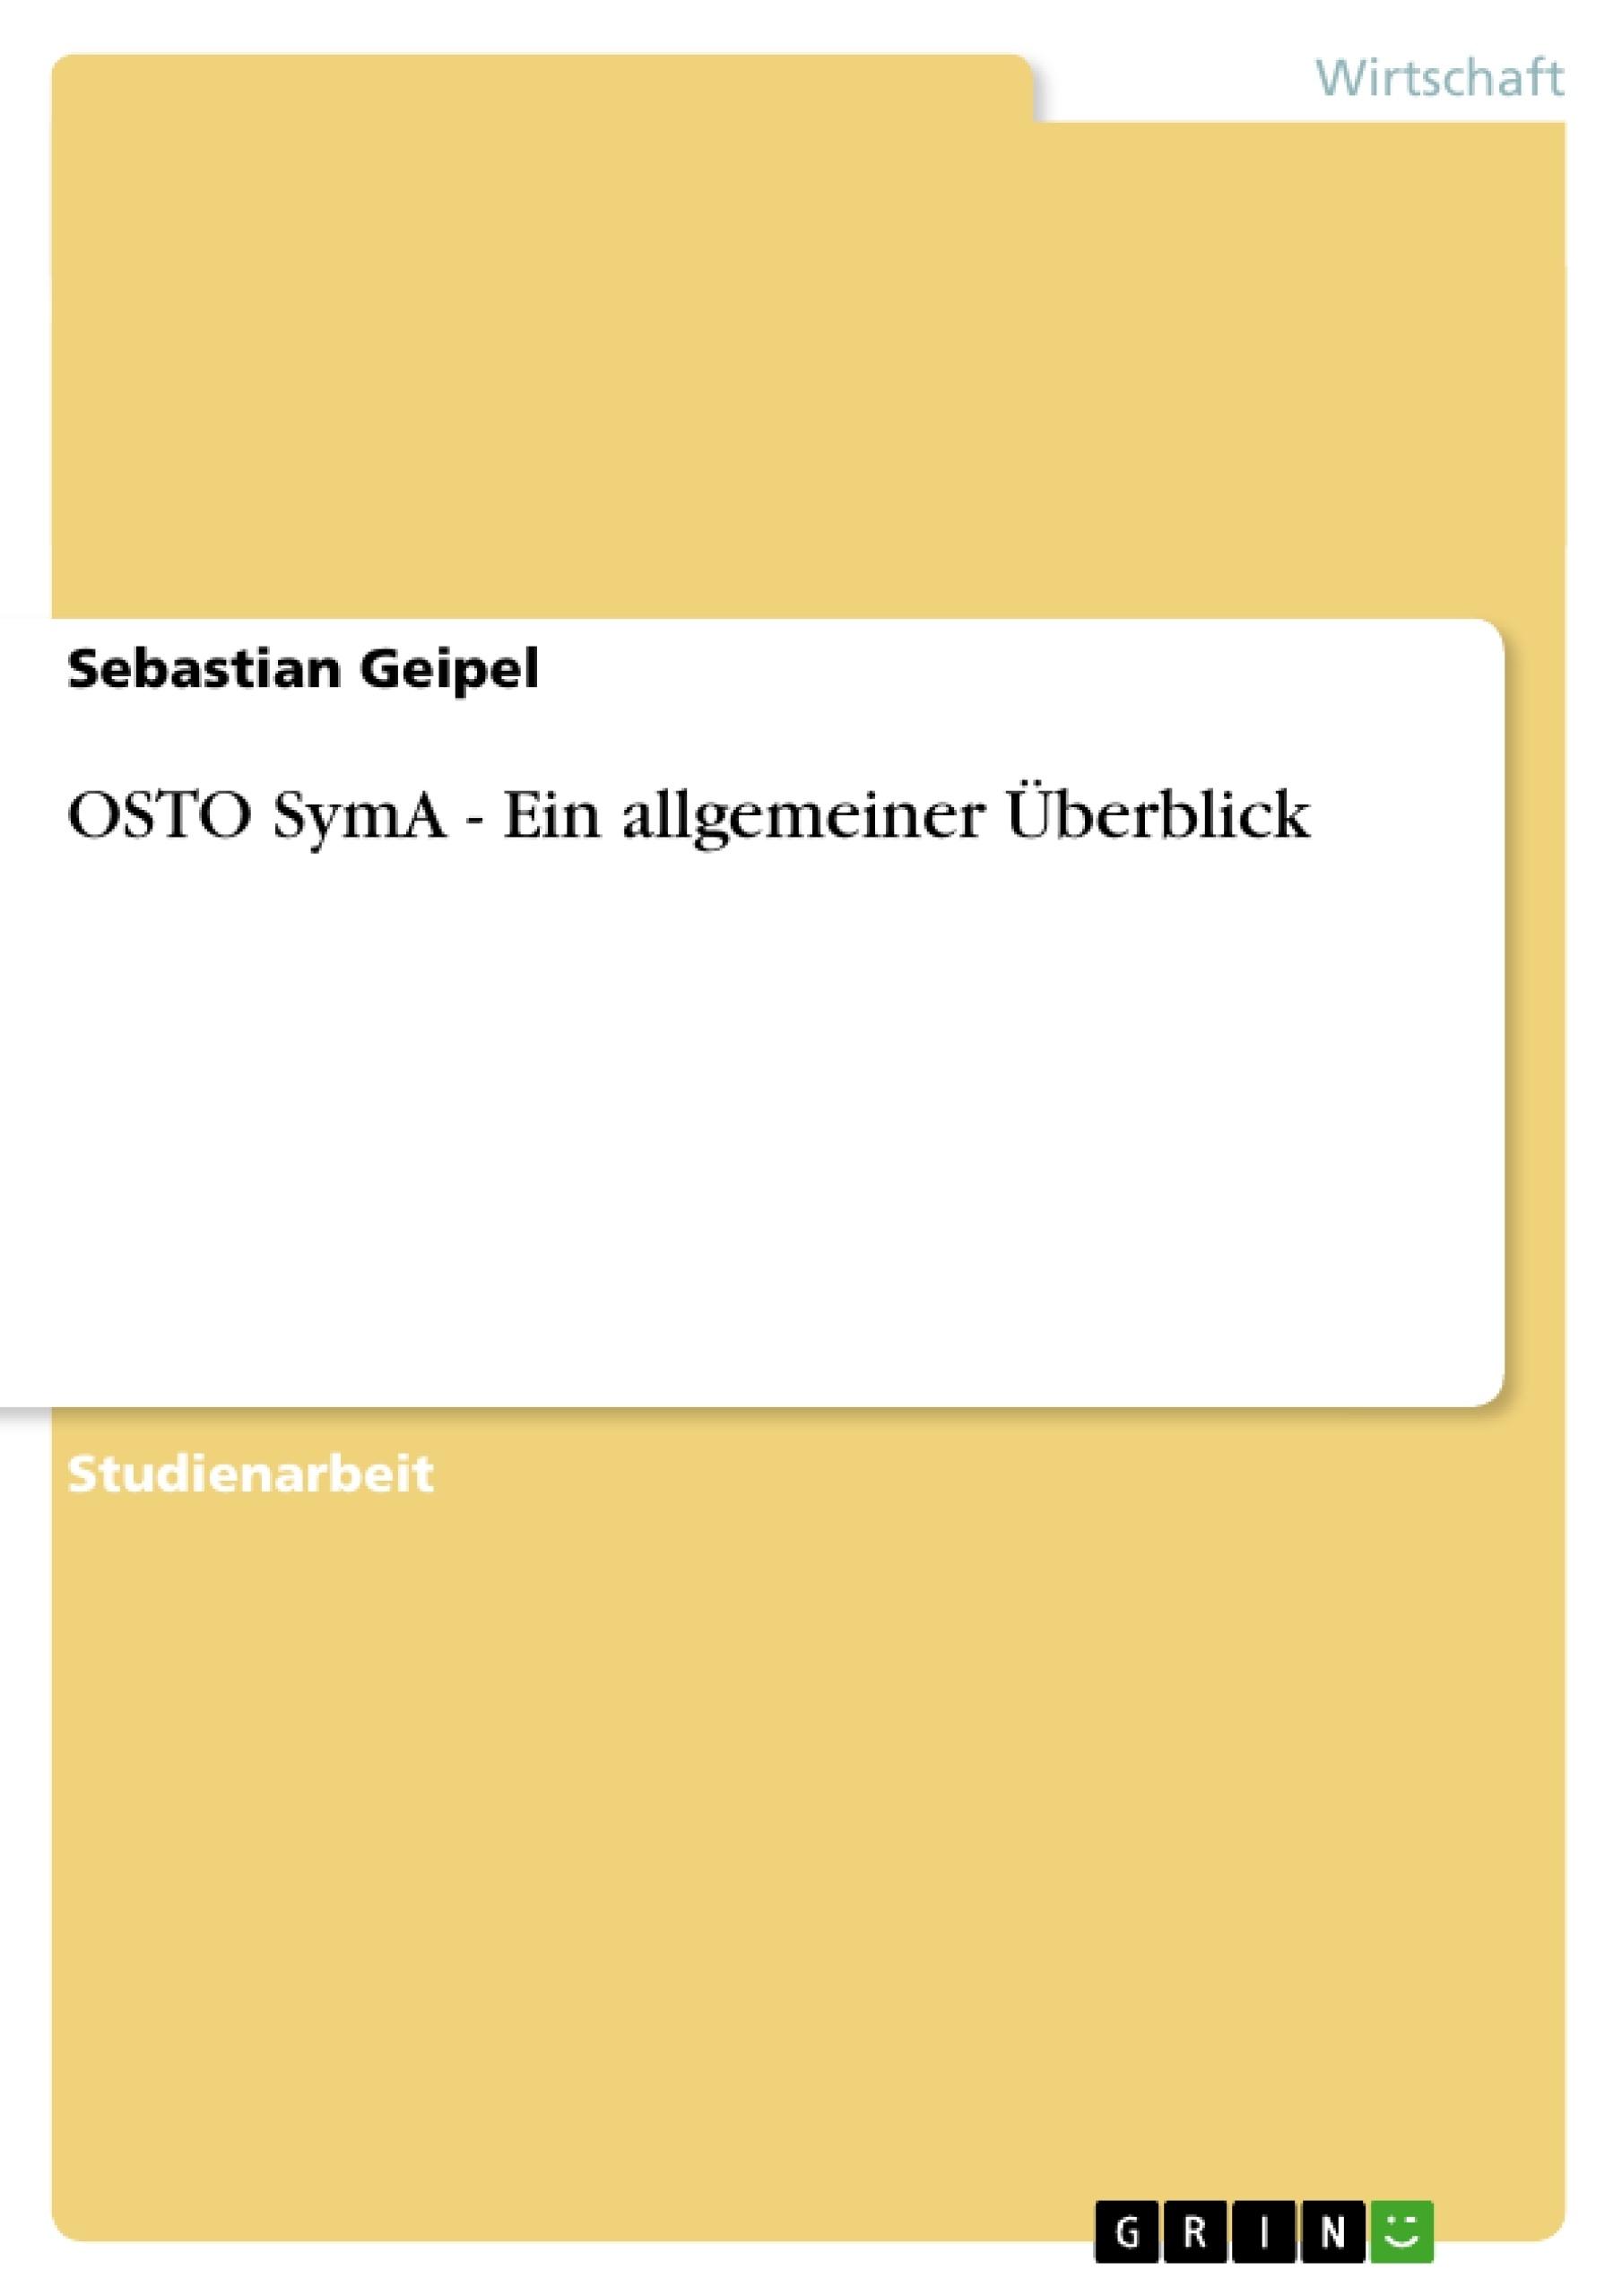 Titel: OSTO SymA -  Ein allgemeiner Überblick